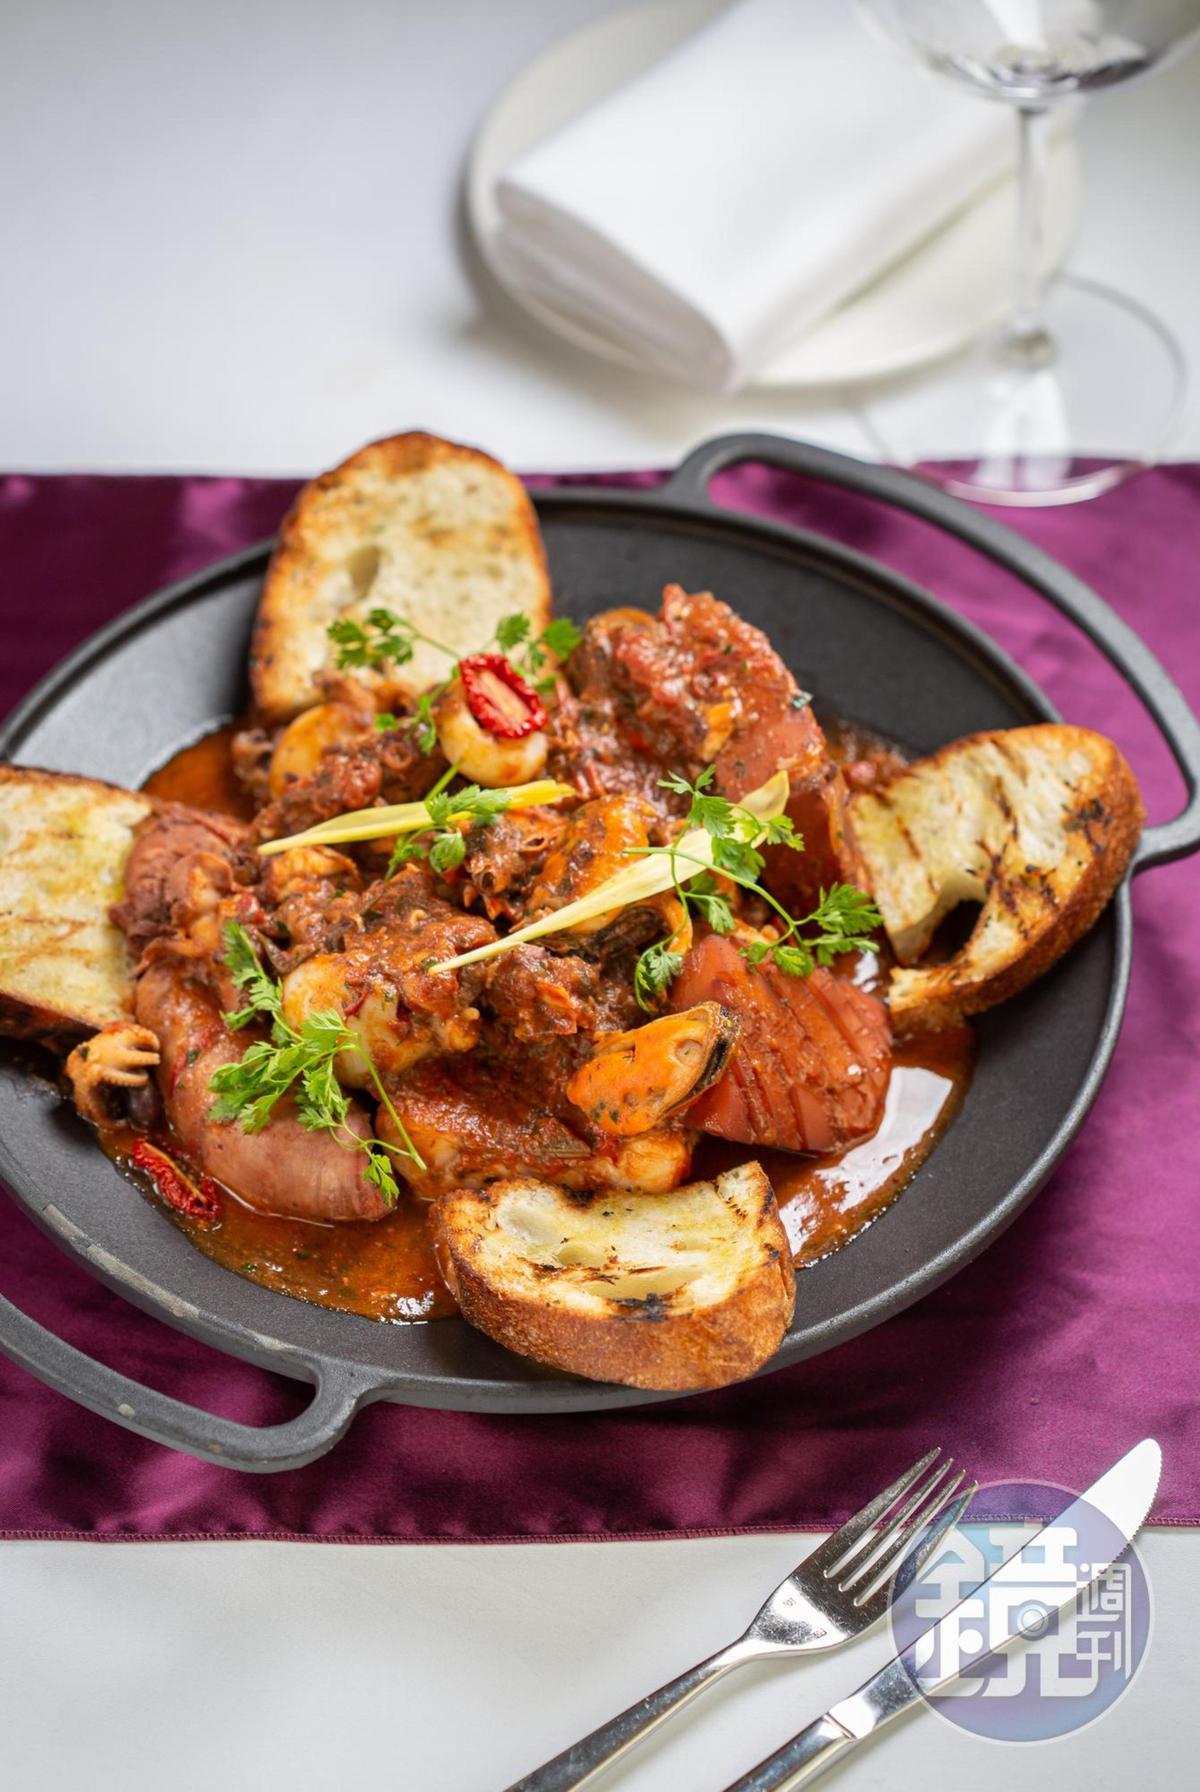 「托斯卡尼燉煮綜合海鮮」選用鮮魚、大花枝、大章魚,需視食材特性分次烹煮,匯聚海味精華。(1,880元/2人份)